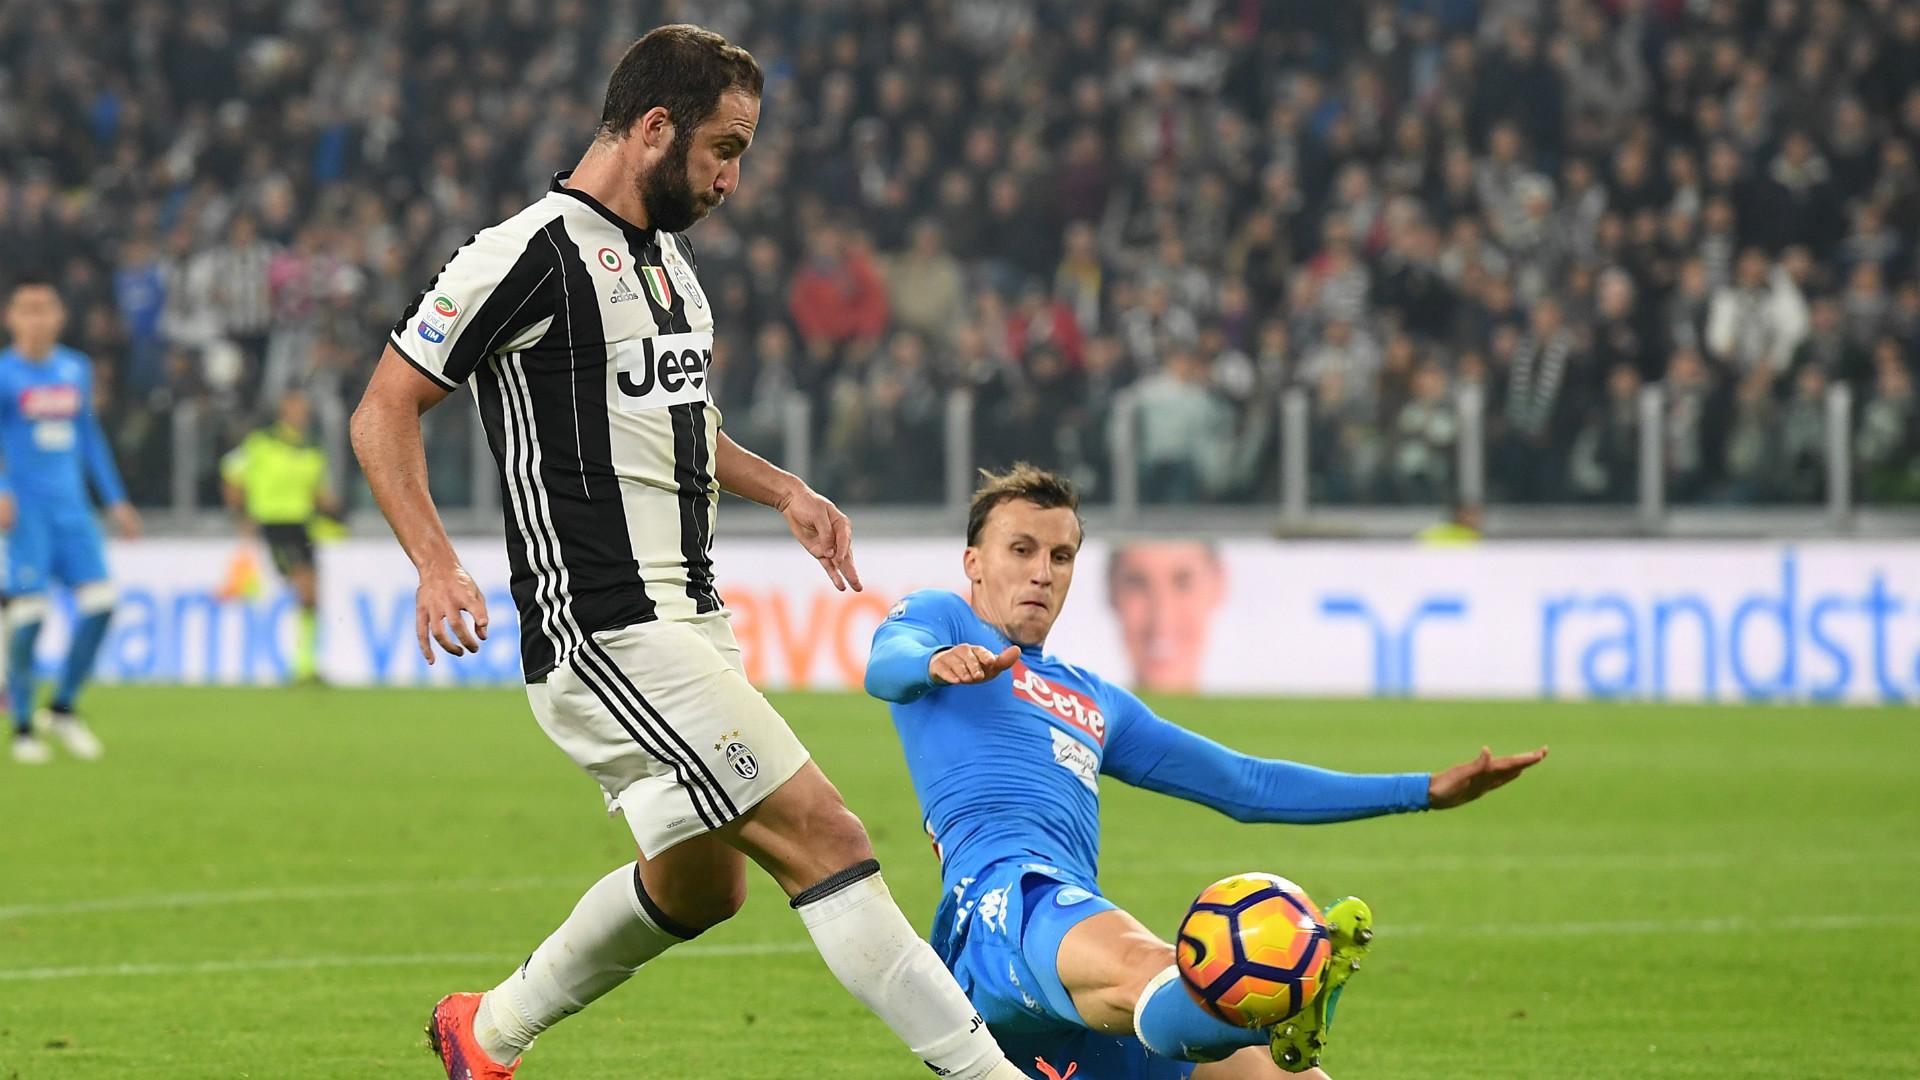 La Juve se impone al Nápoles y refuerza su liderato